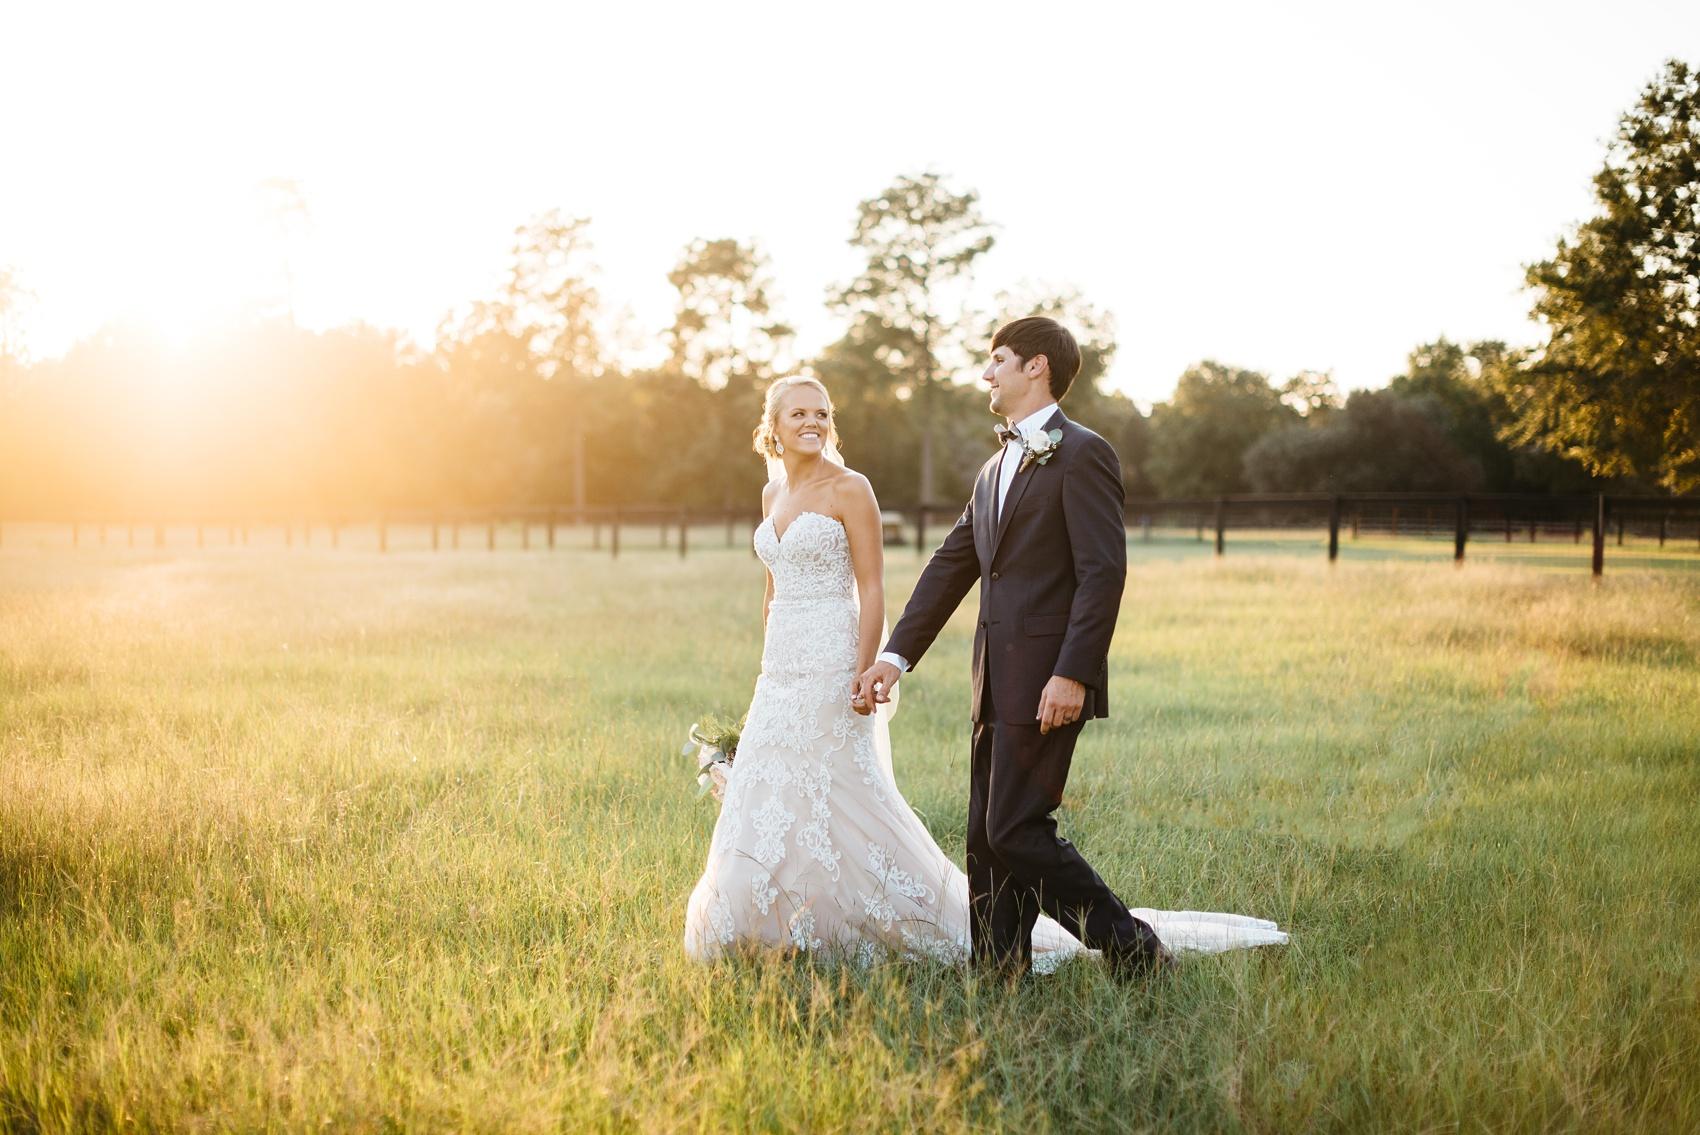 aiken_wedding_photographer_4559.jpg